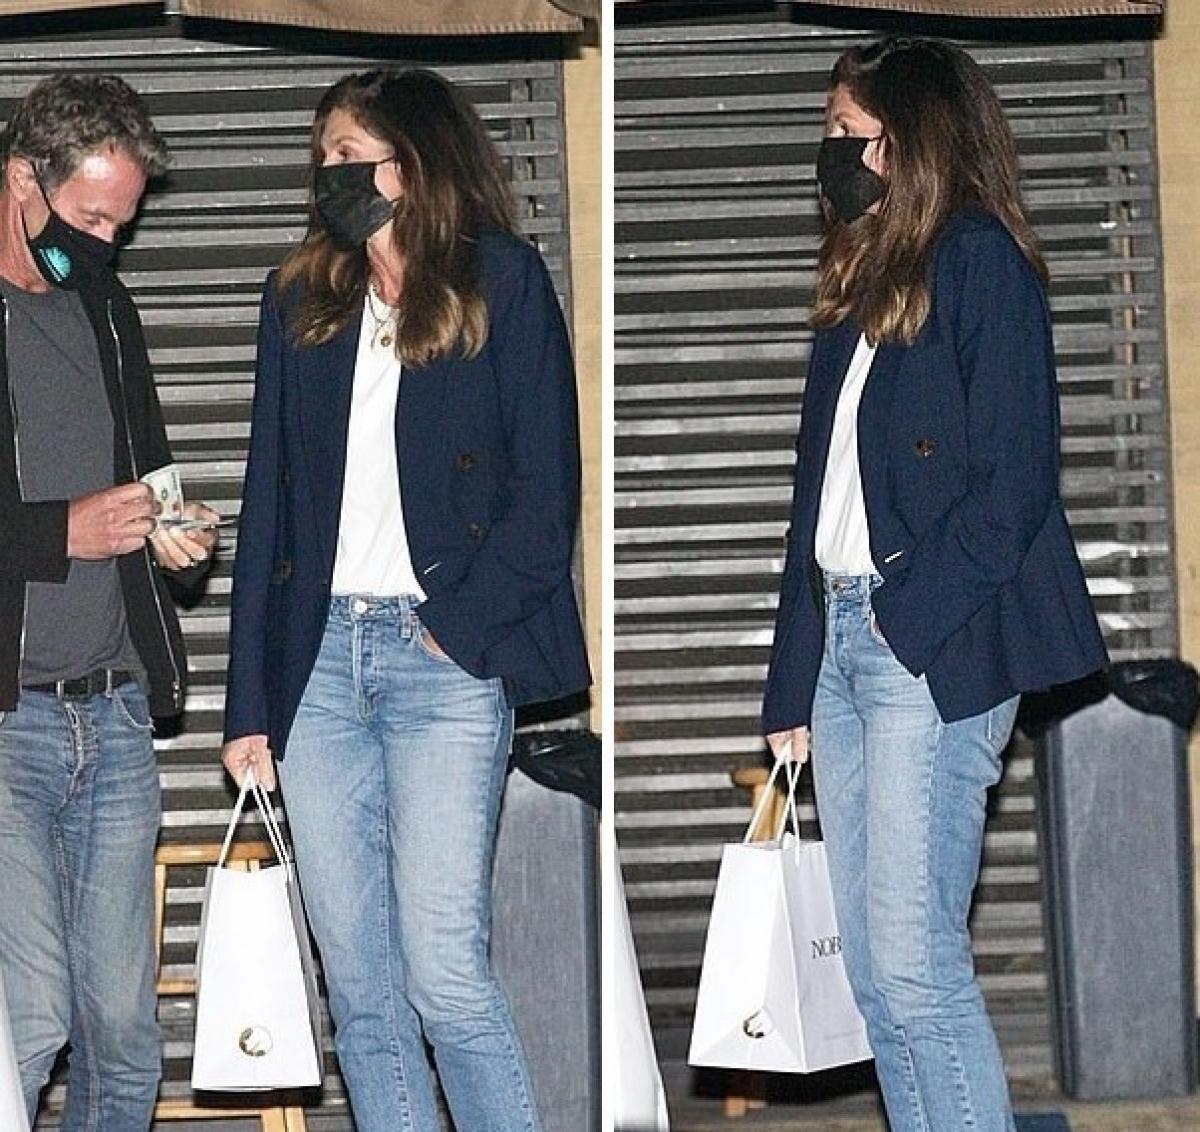 Cindy Crawford diện vest và quần jeans khỏe khoắn. Cô vui vẻ trò chuyện cùng chồng.